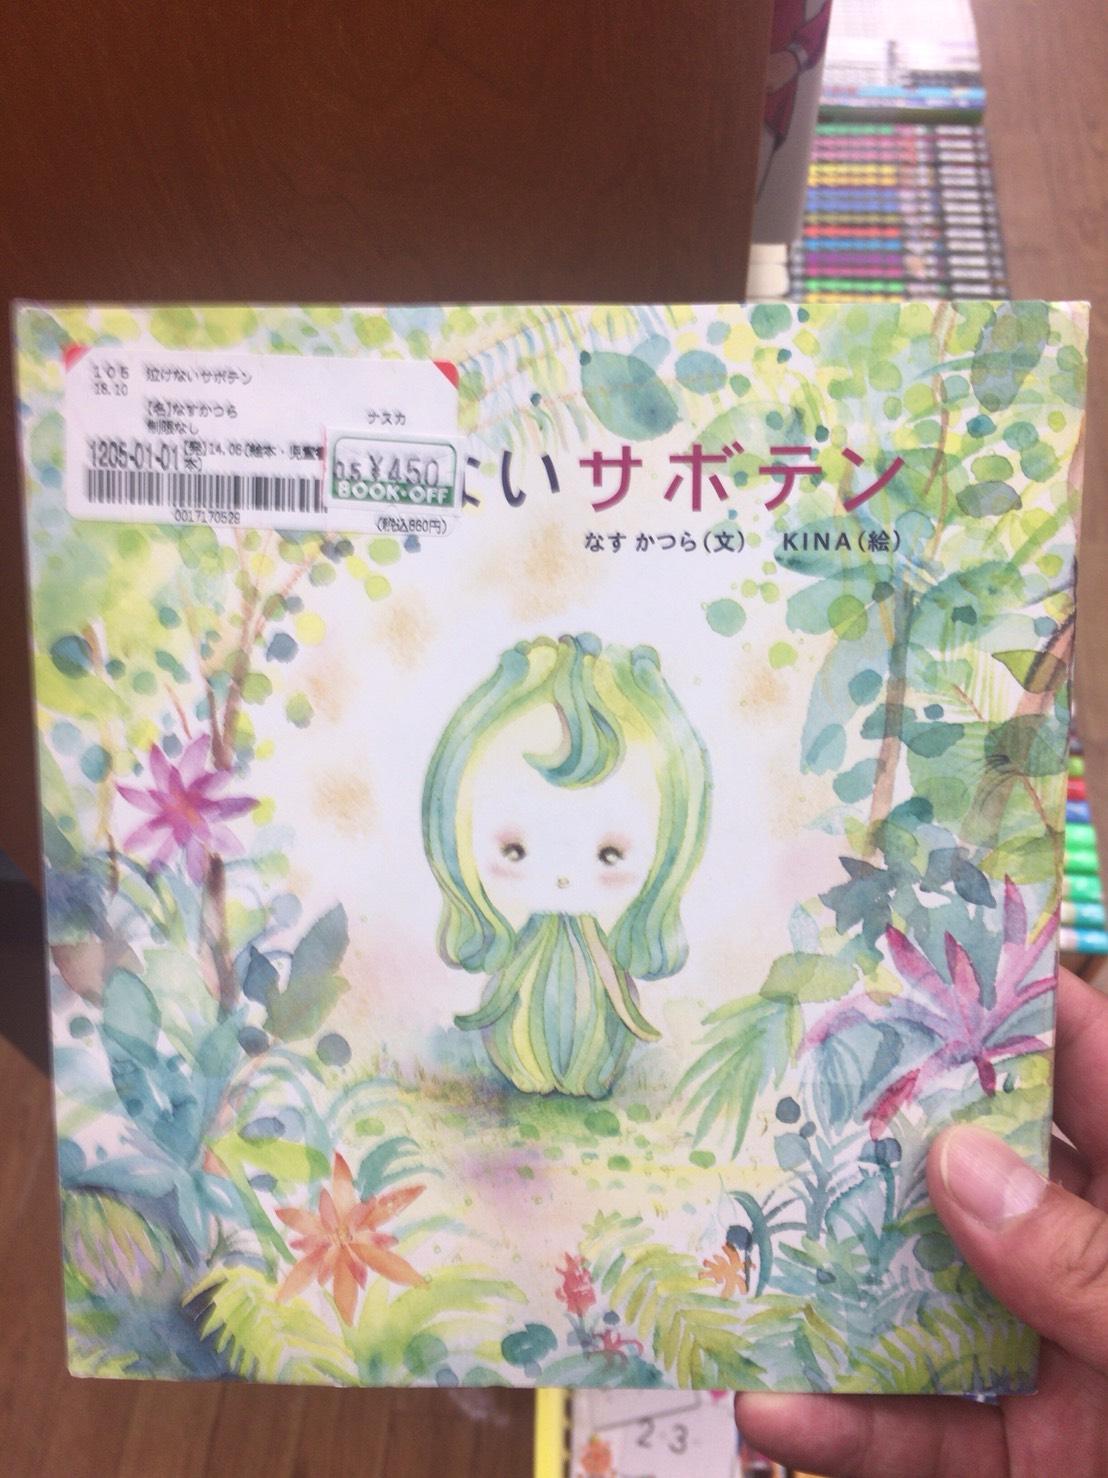 薄っぺらい絵本が、450円 → 5000円。